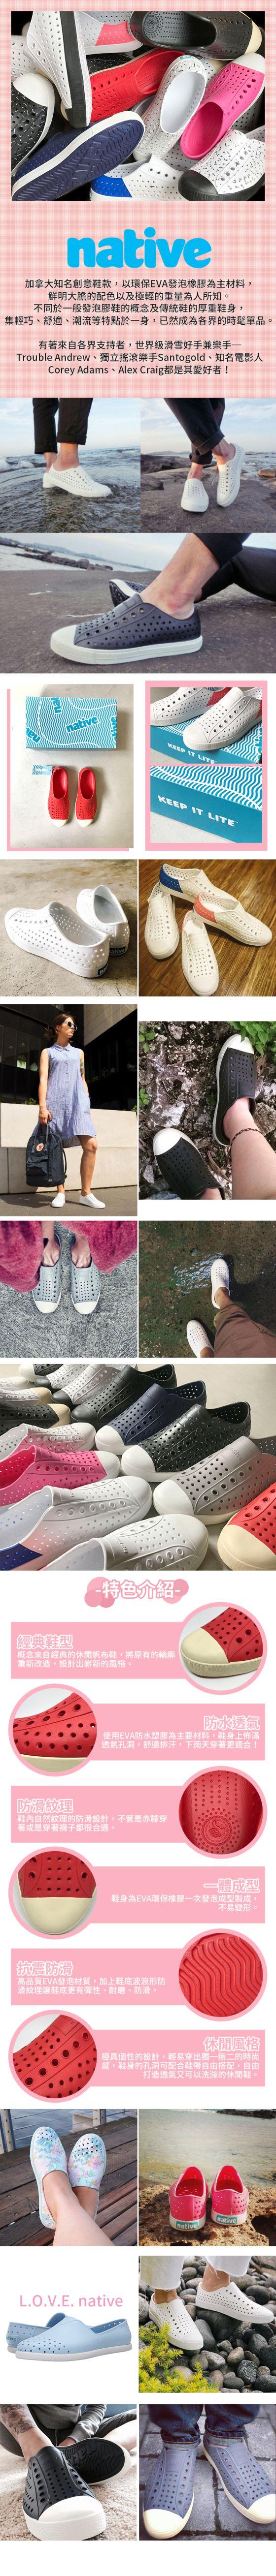 NATIVE/懶人鞋/雨鞋/TOMS/鞋/球鞋/休閒鞋/native/Native